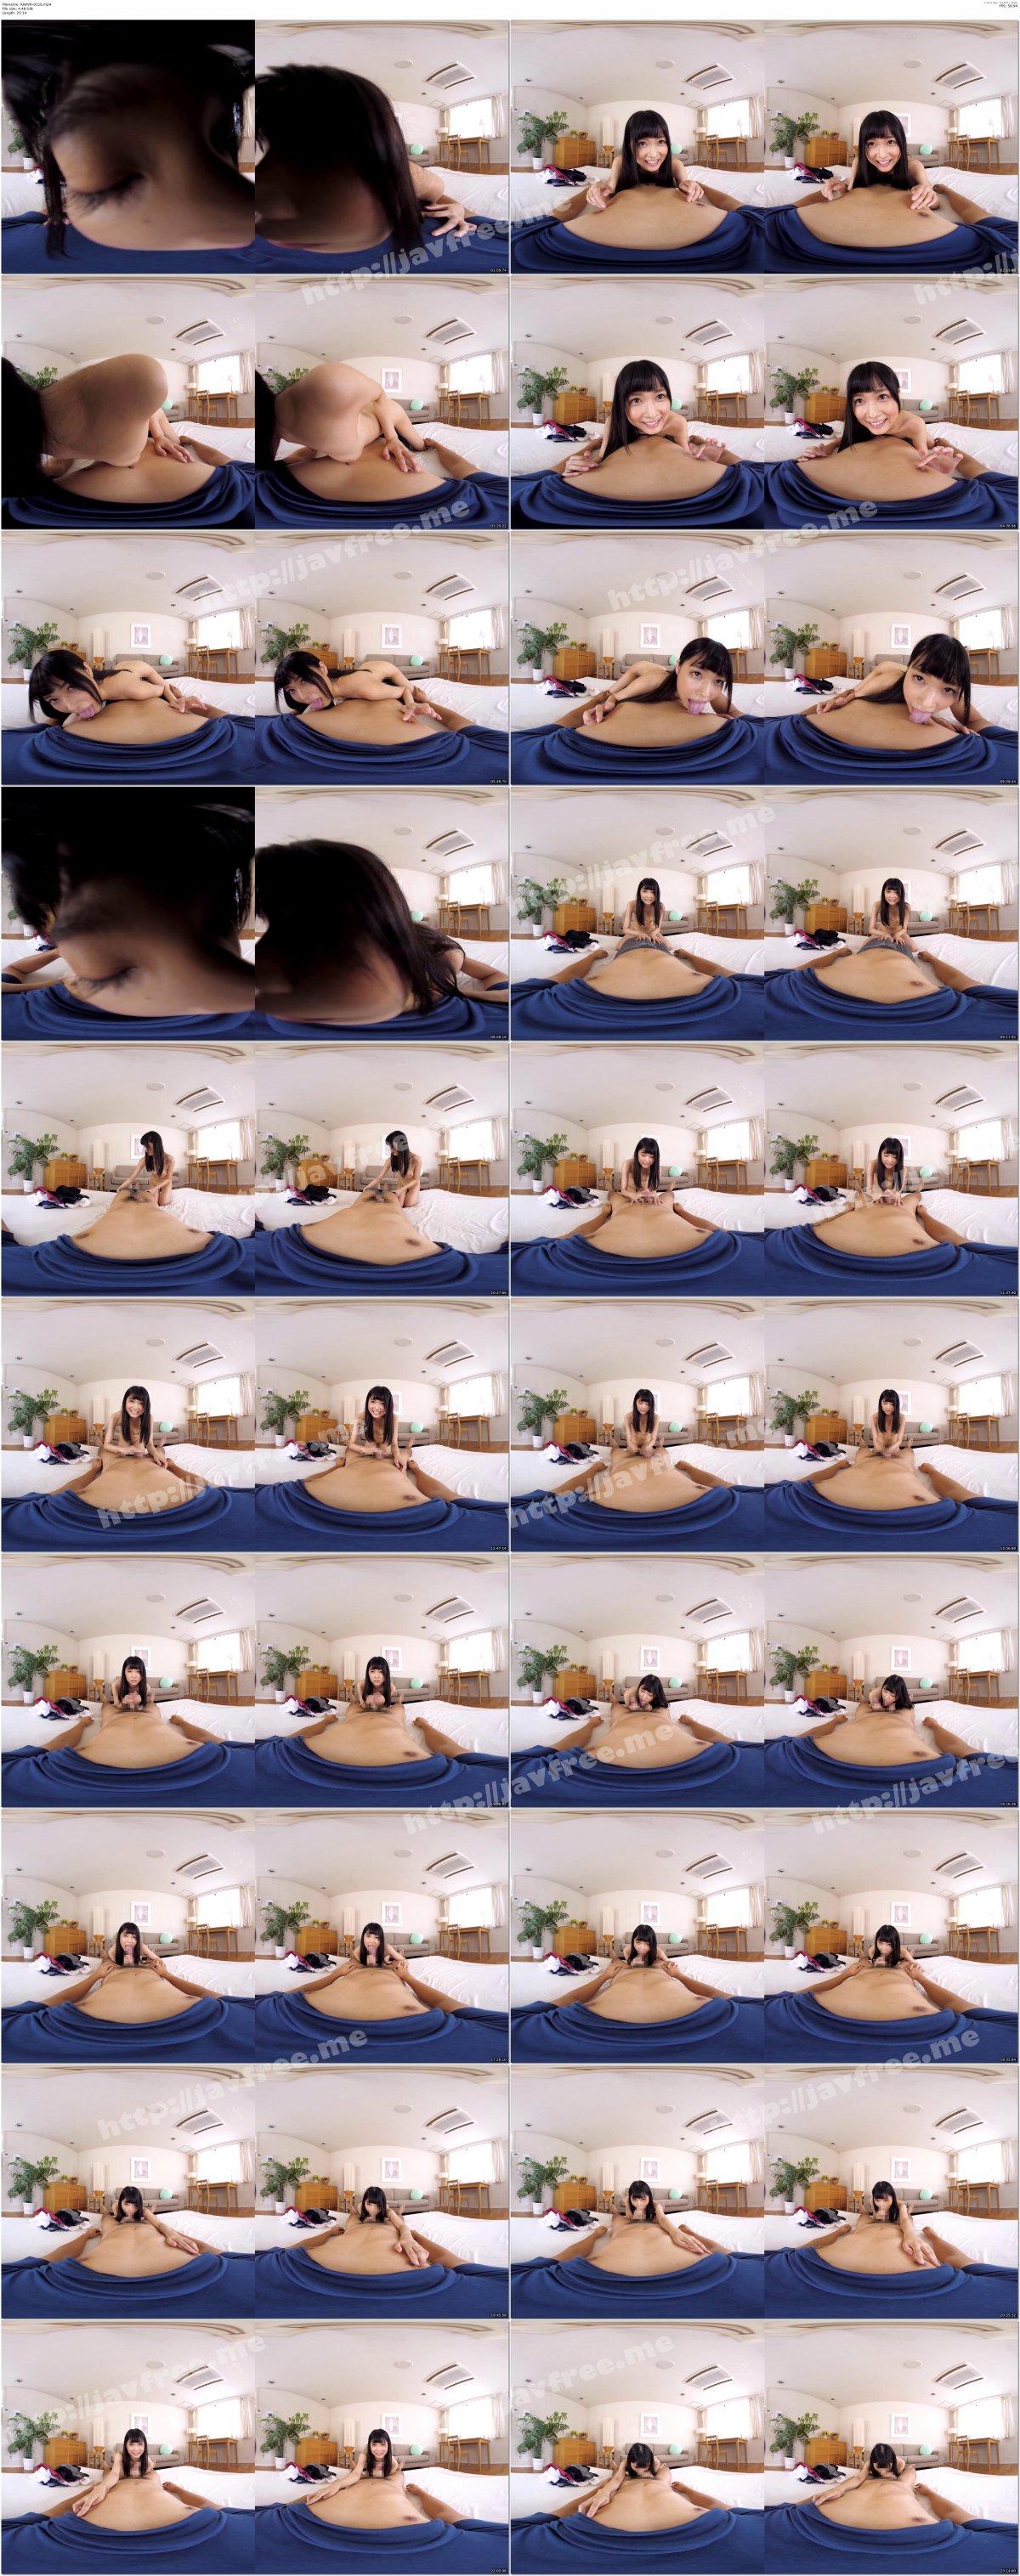 [KIWVR-011] 【VR】HQ超画質革命! ブラコンで可愛すぎる妹は、体液ダダ漏れSEXがお好き(ハート) 山井すず - image KIWVR-011b on https://javfree.me